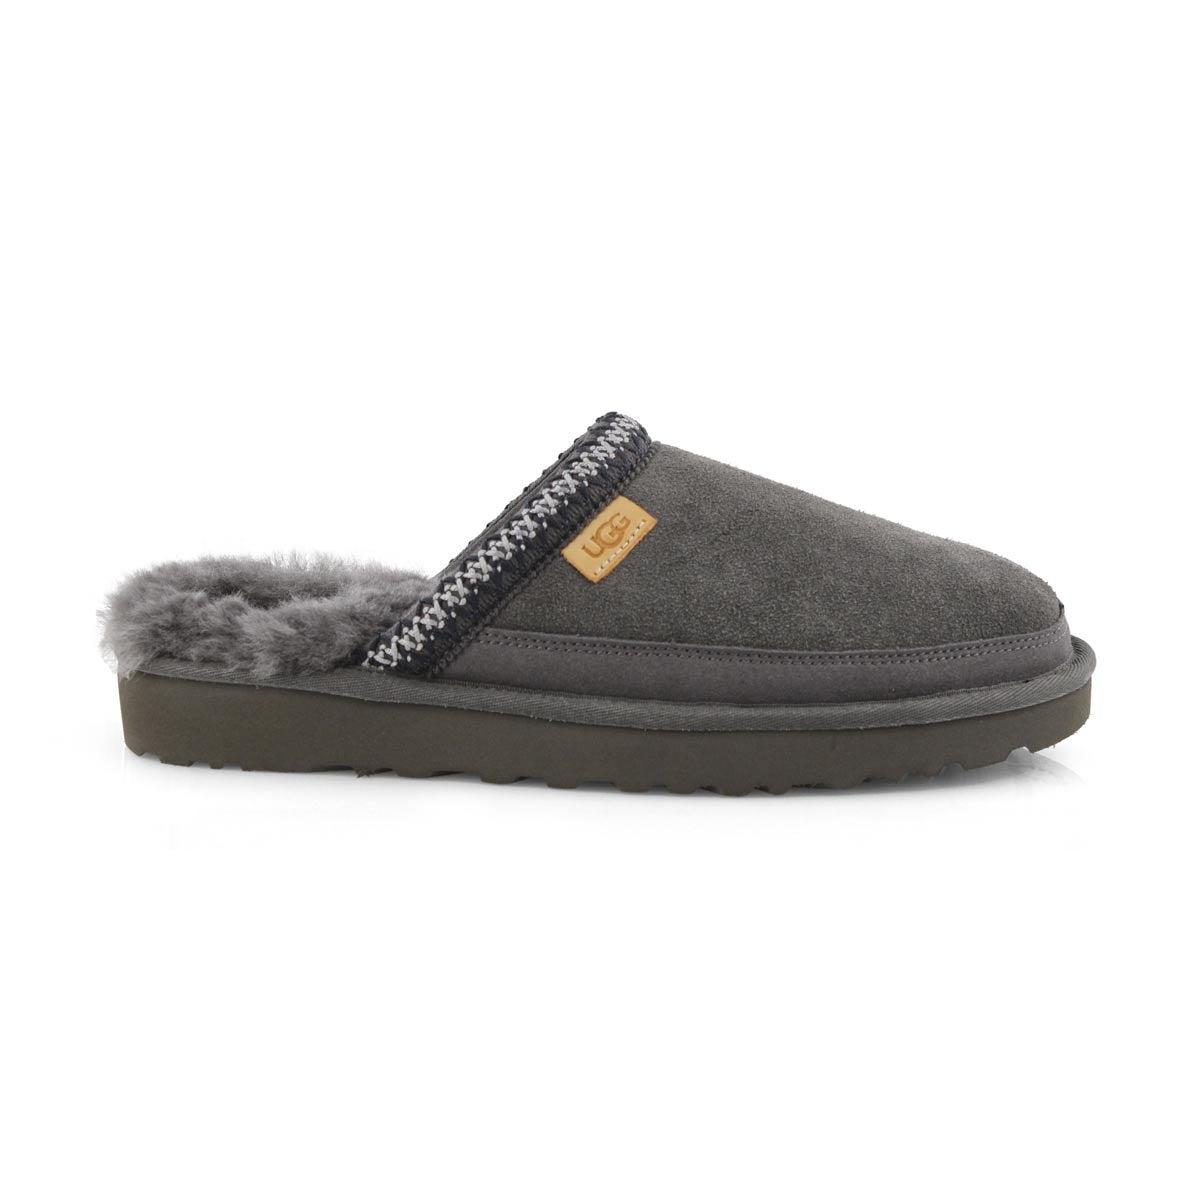 Mns Tasman grey shpskn open back slipper